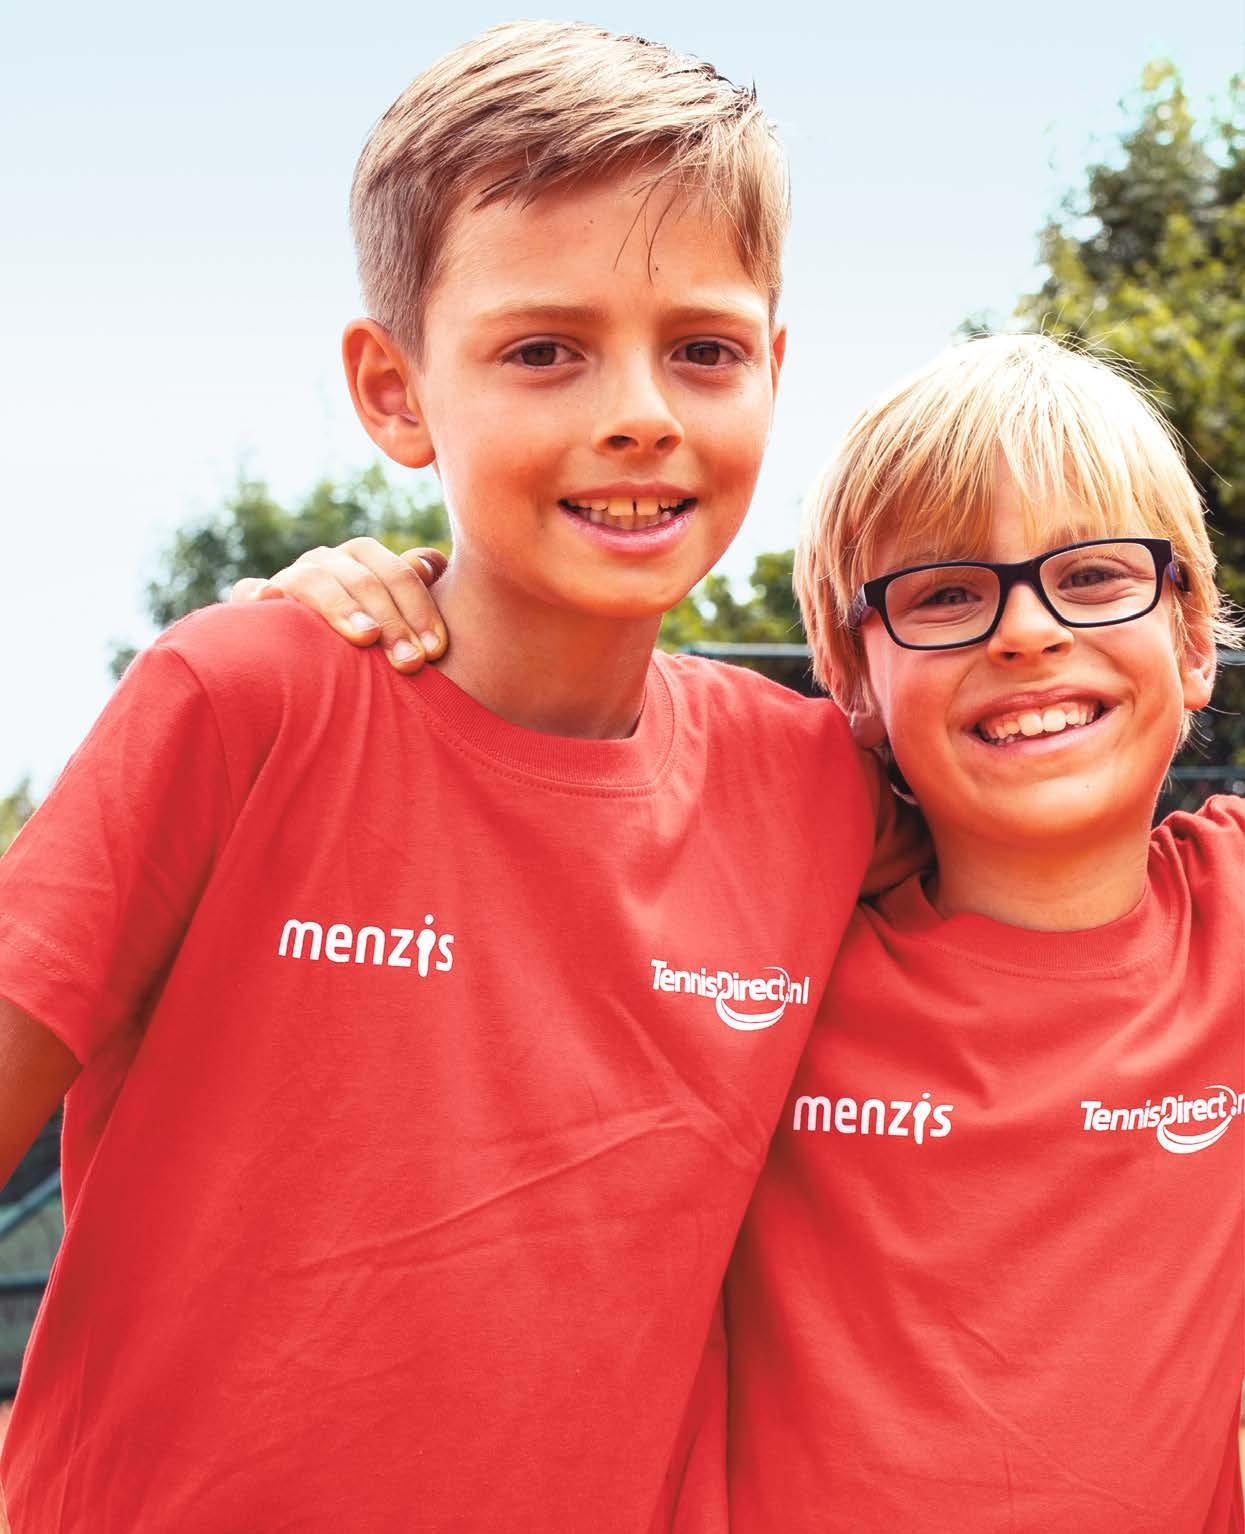 Page 6 of Tennis in beeld: Vriendjesmaand groot succes